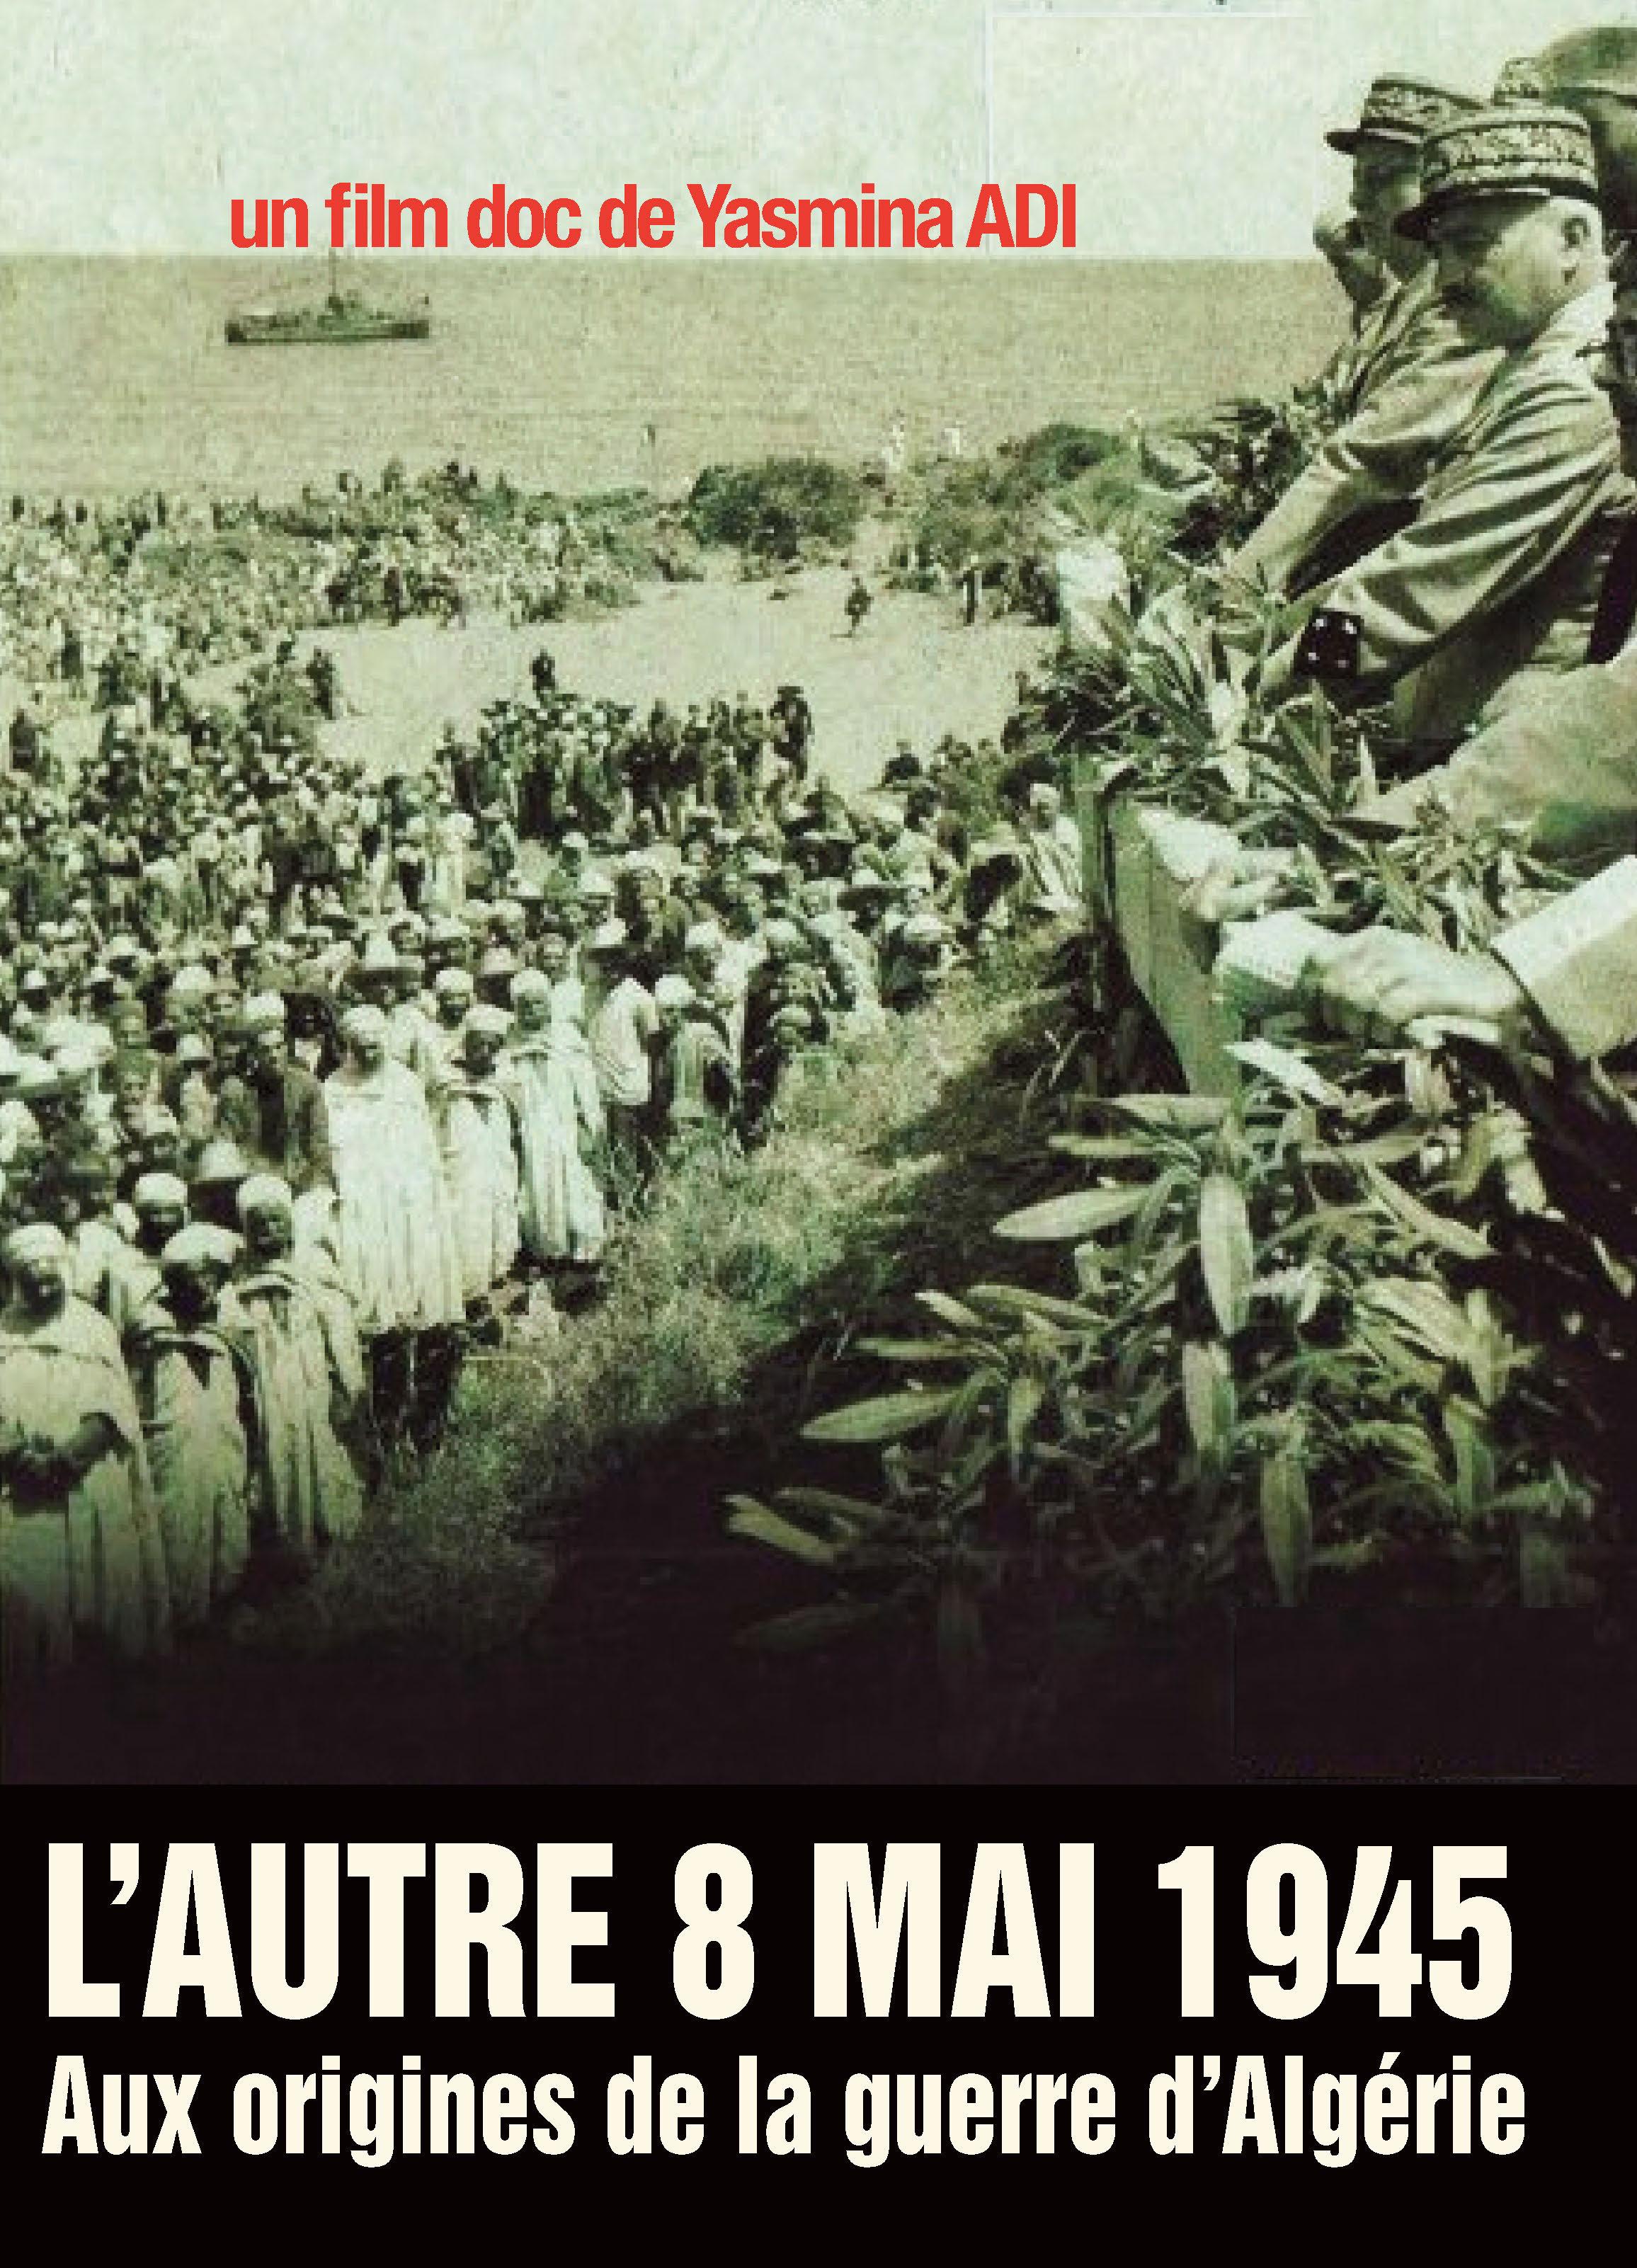 L'AUTRE 8 MAI 1945 Aux origines de la guerre d'Algérie